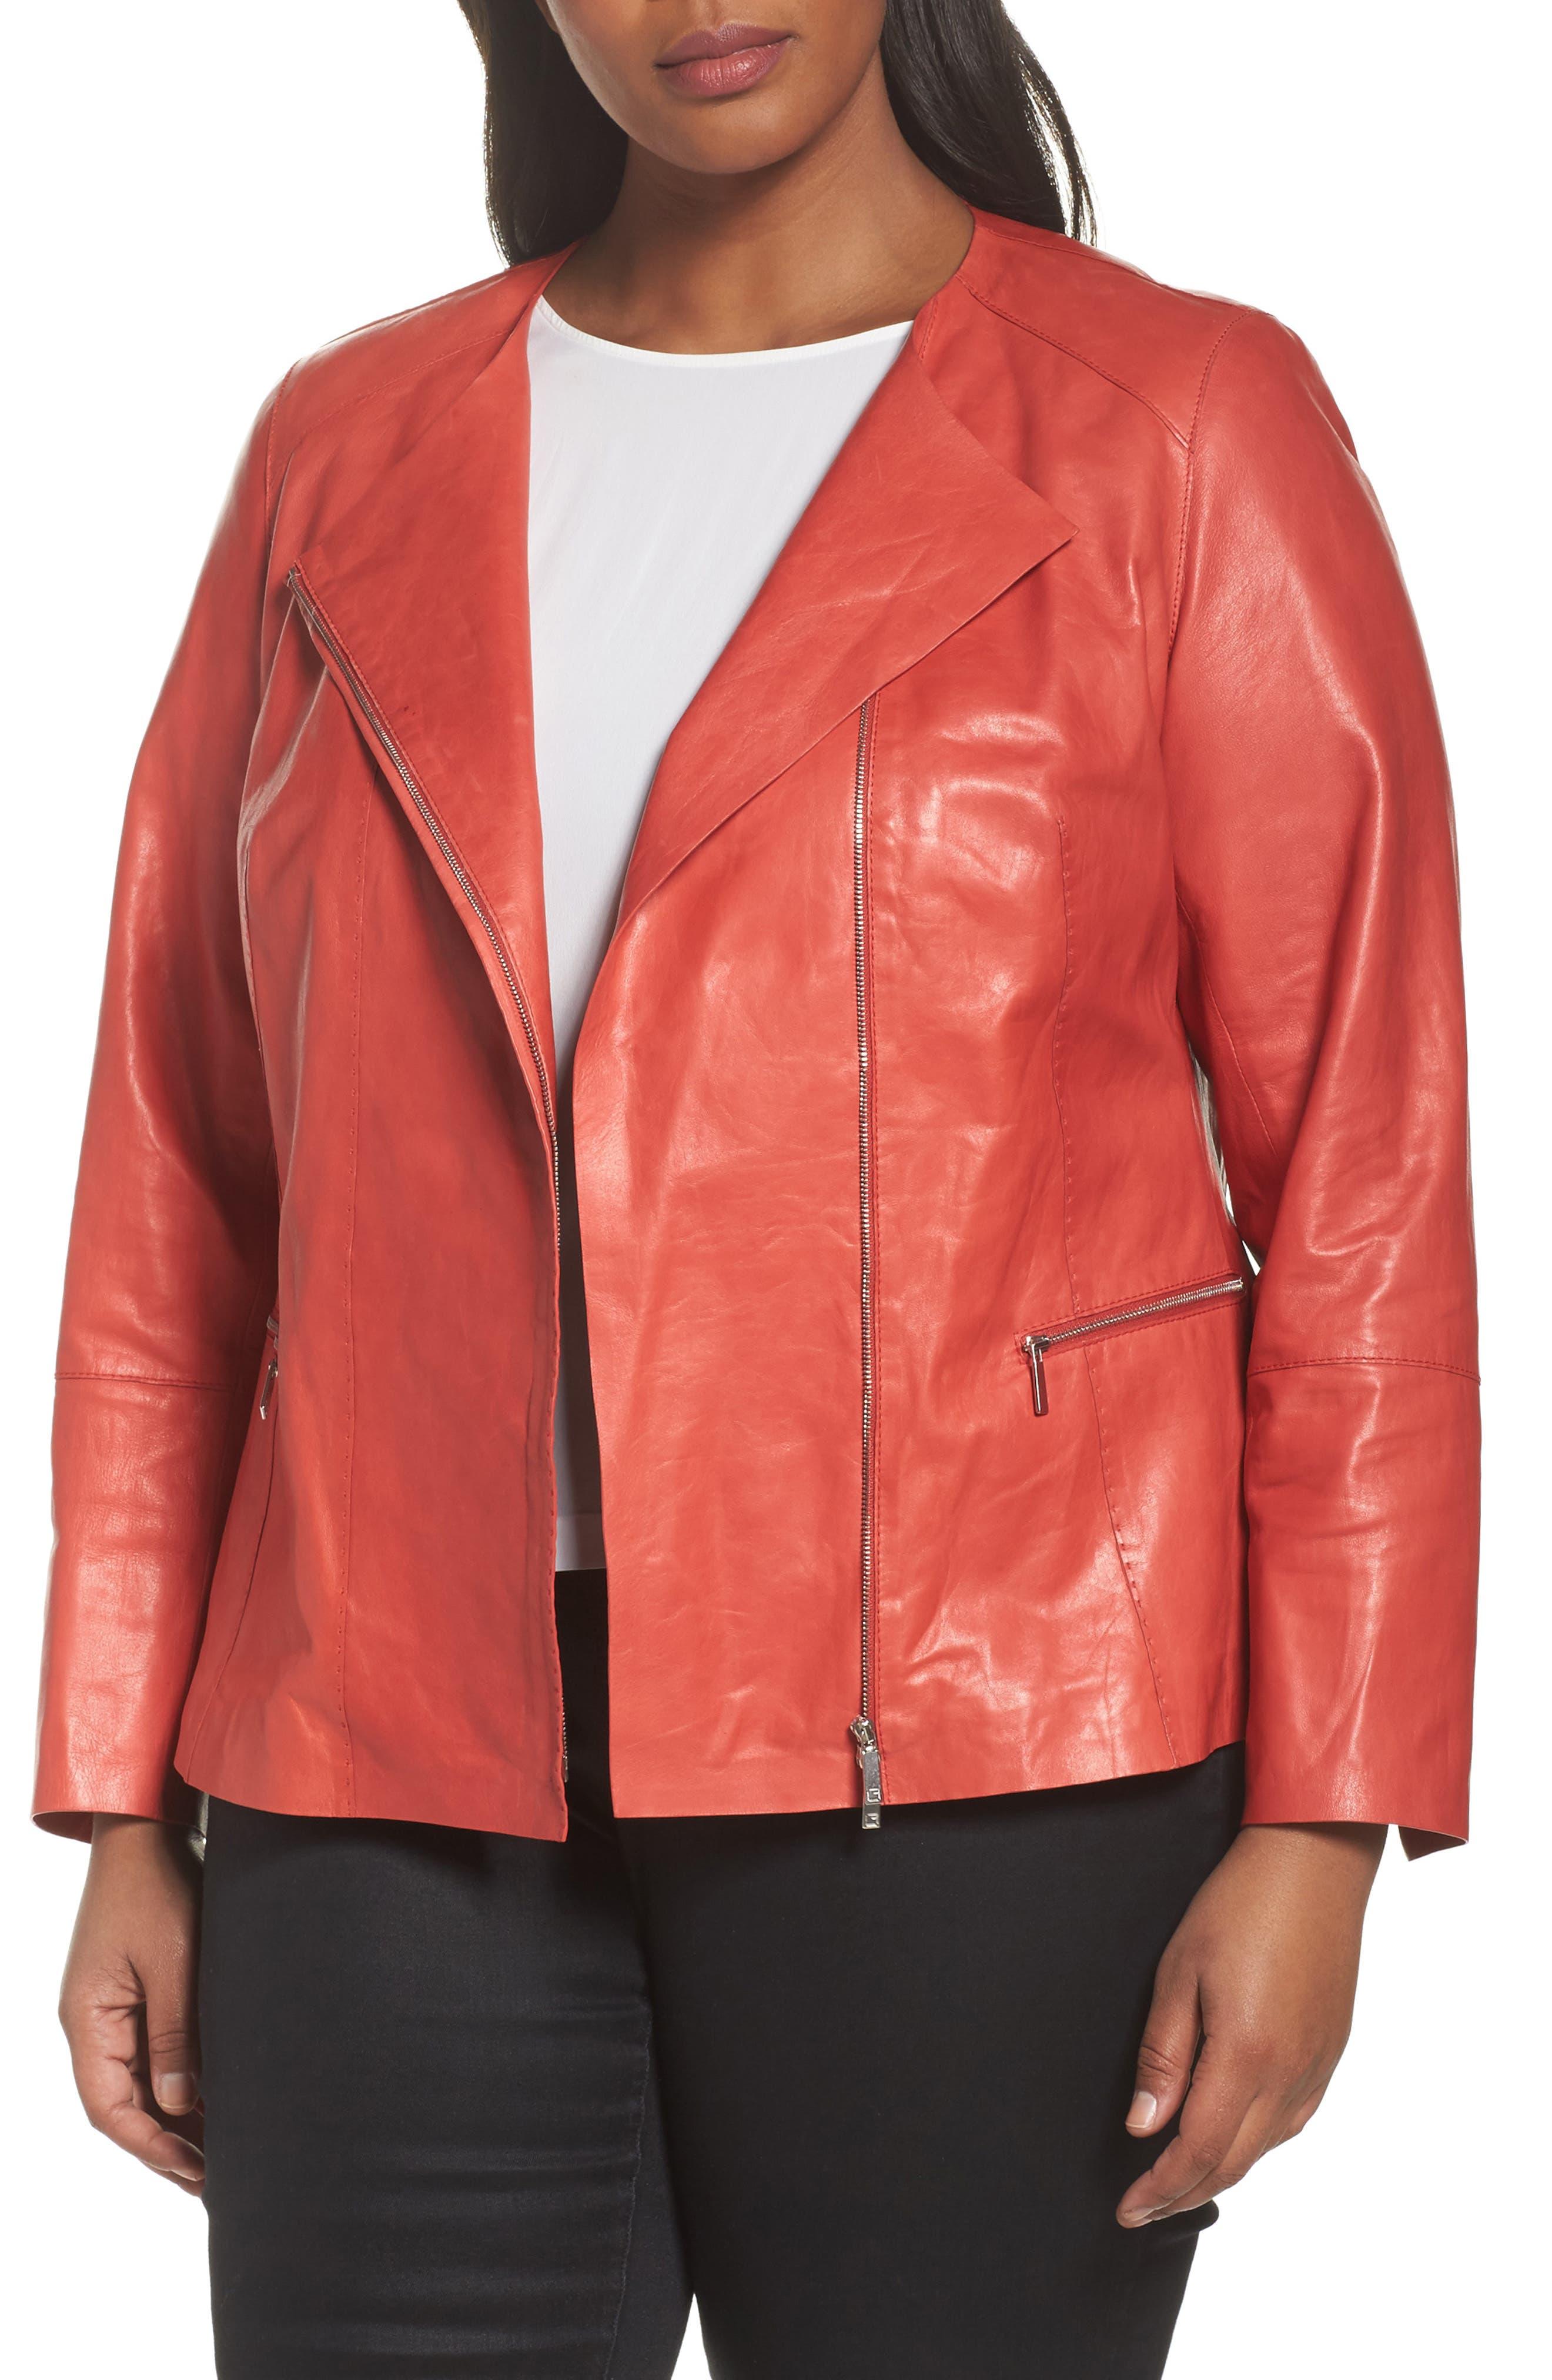 Main Image - Lafayette 148 New York Caridee Glazed Lambskin Leather Jacket (Plus Size)